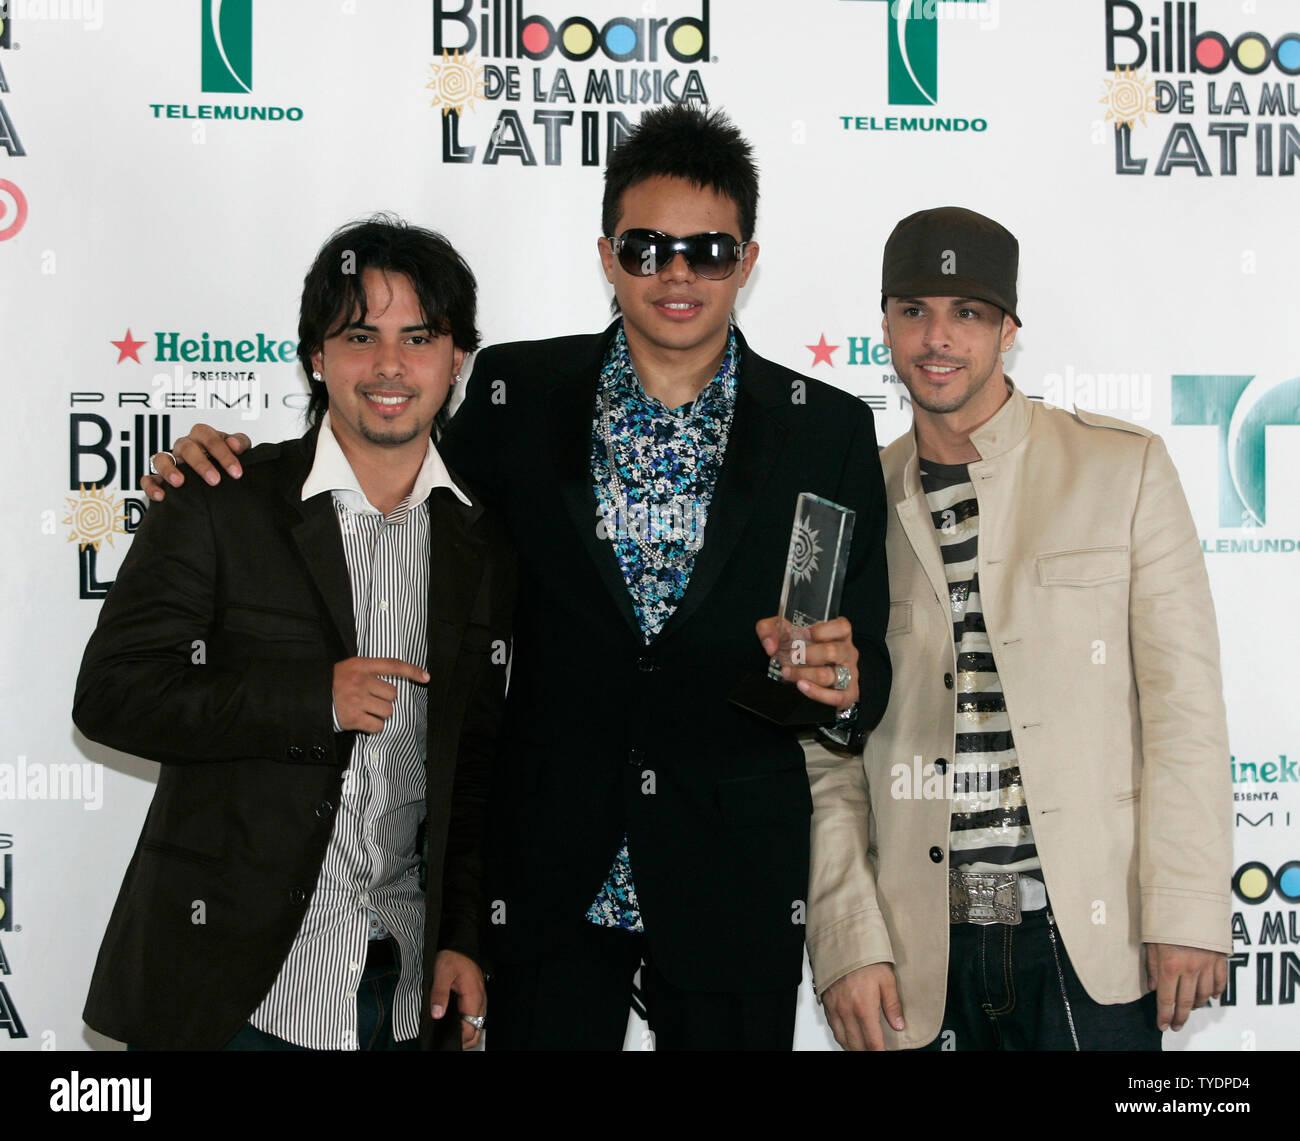 Phillips Toons feiert den Gewinn der Hersteller des Jahres ausgezeichnet, backstage bei den Latin Billboard Awards 2007 an der BankUnited Mitte in Coral Gables, Florida am 26. April 2007. (UPI Foto/Michael Busch) Stockbild